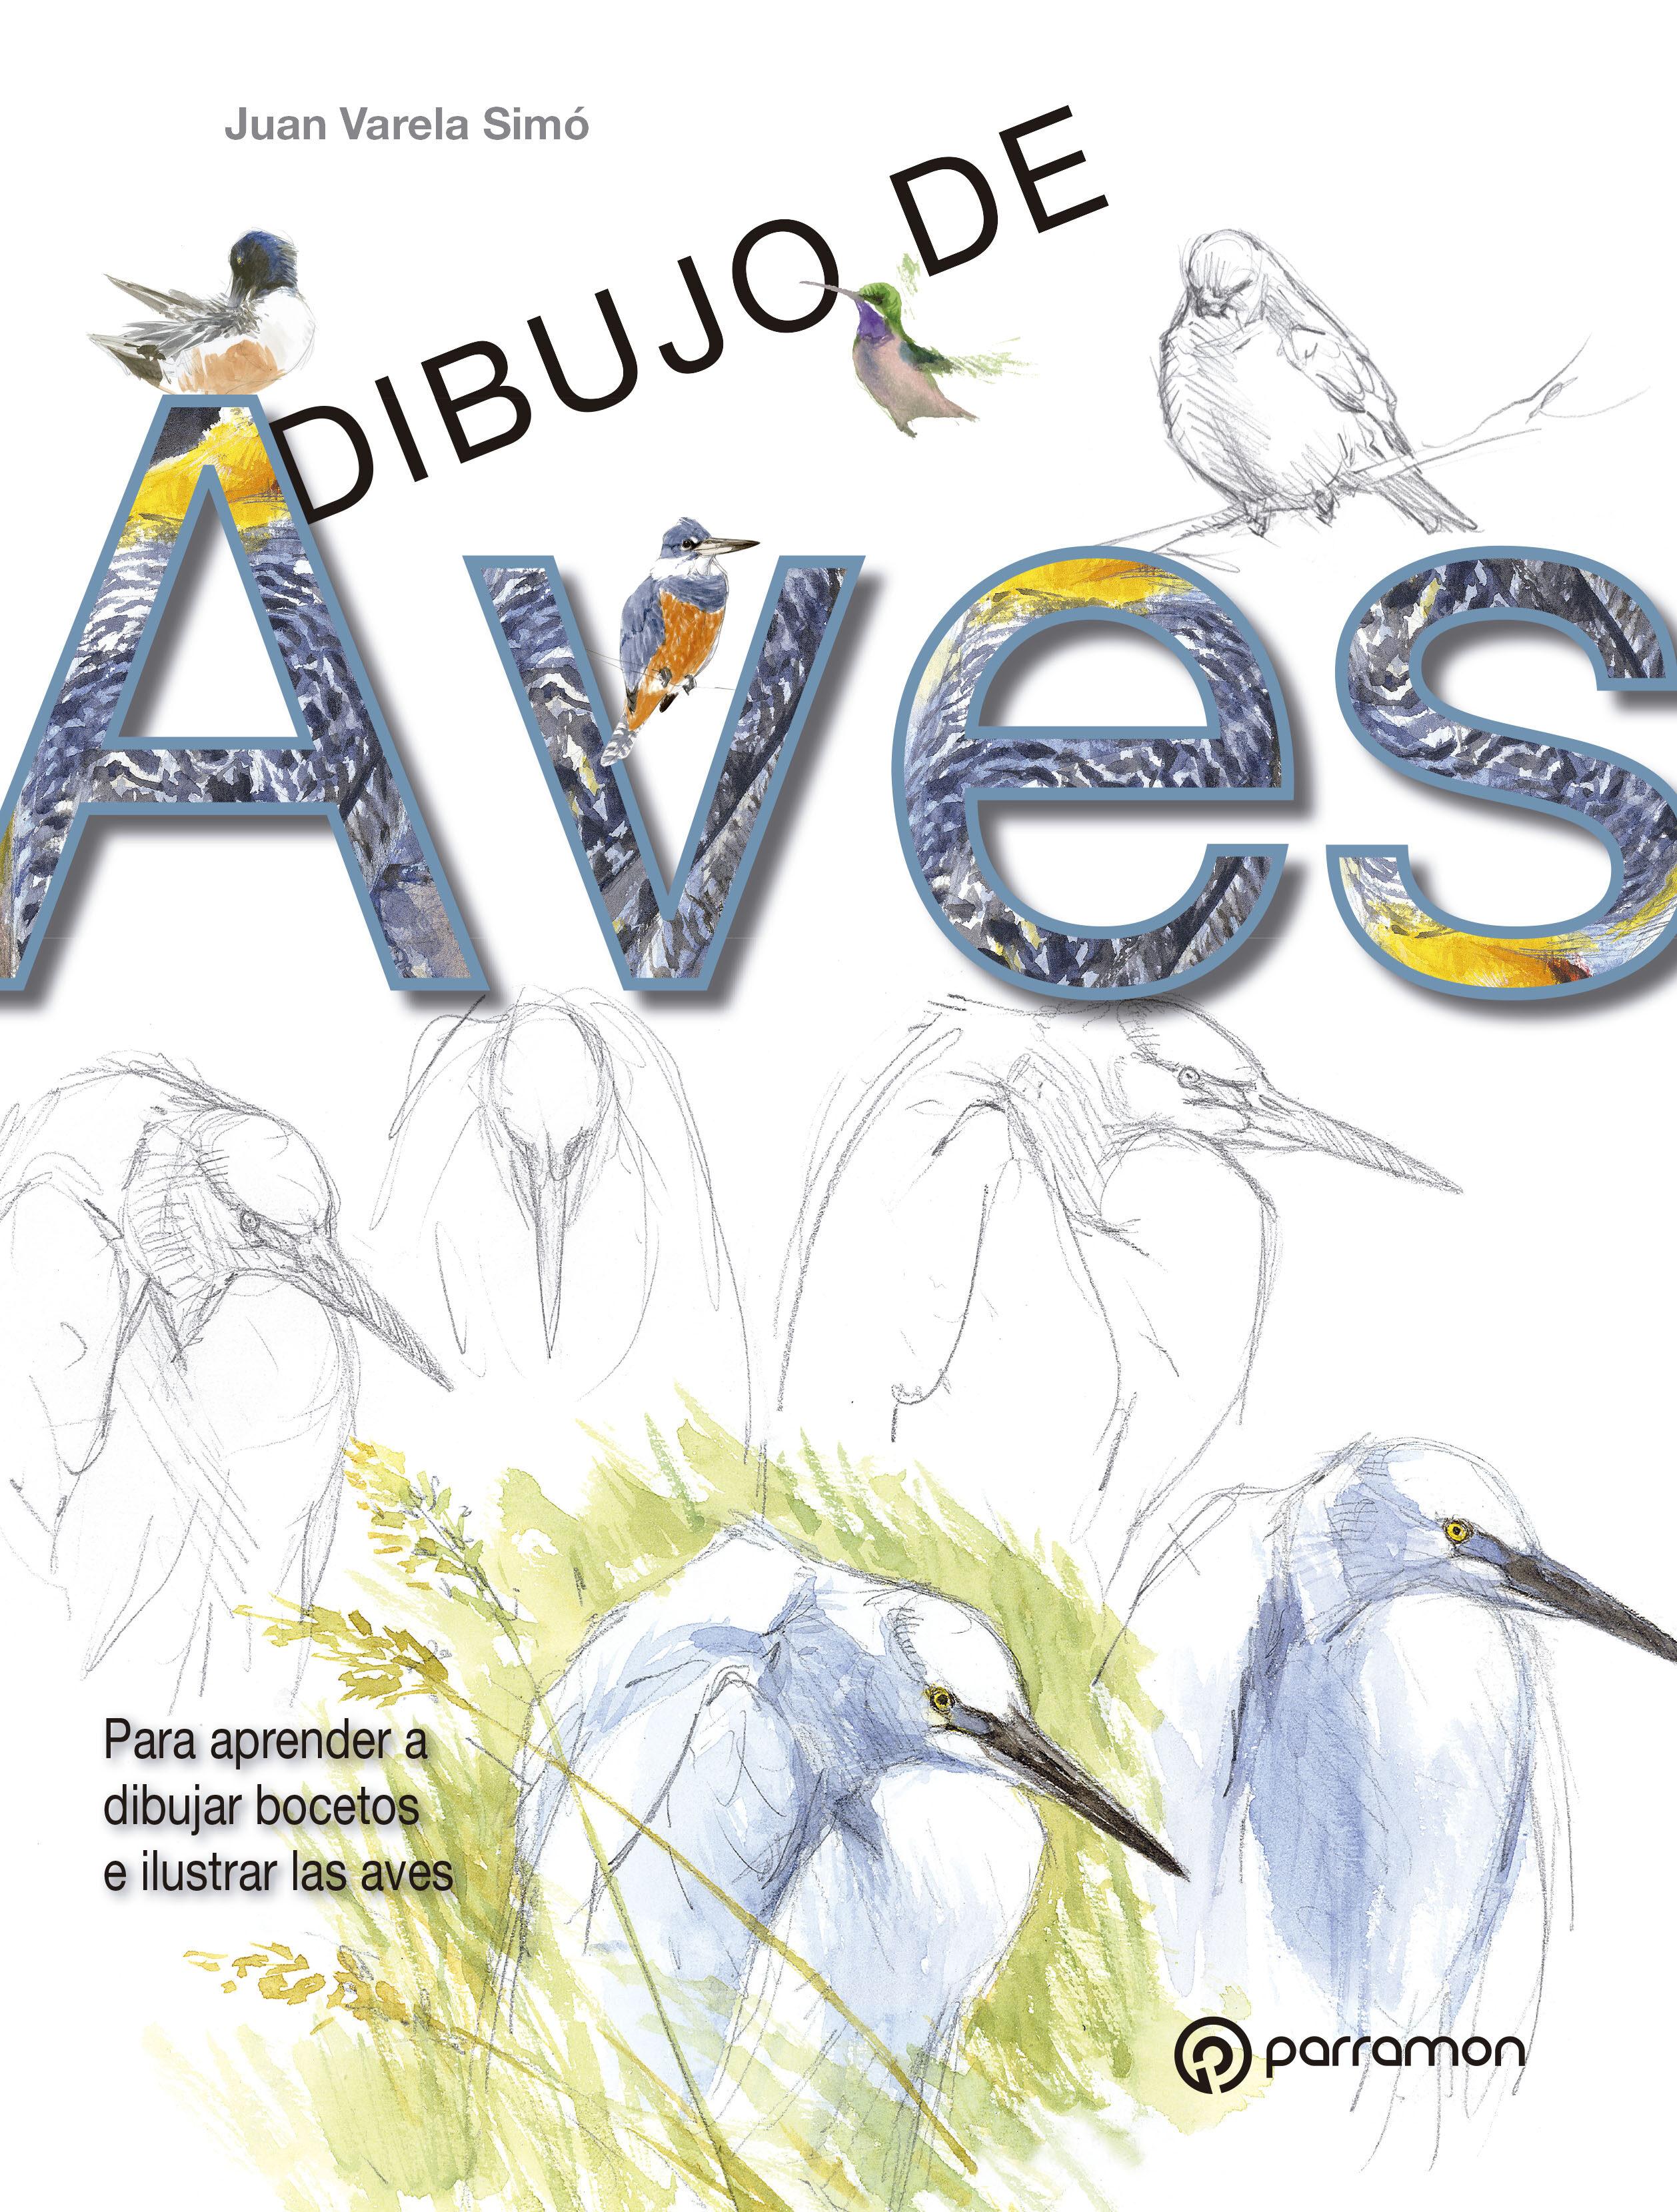 DIBUJO DE AVES  JUAN VARELA SIMO  Comprar libro 9788434241077